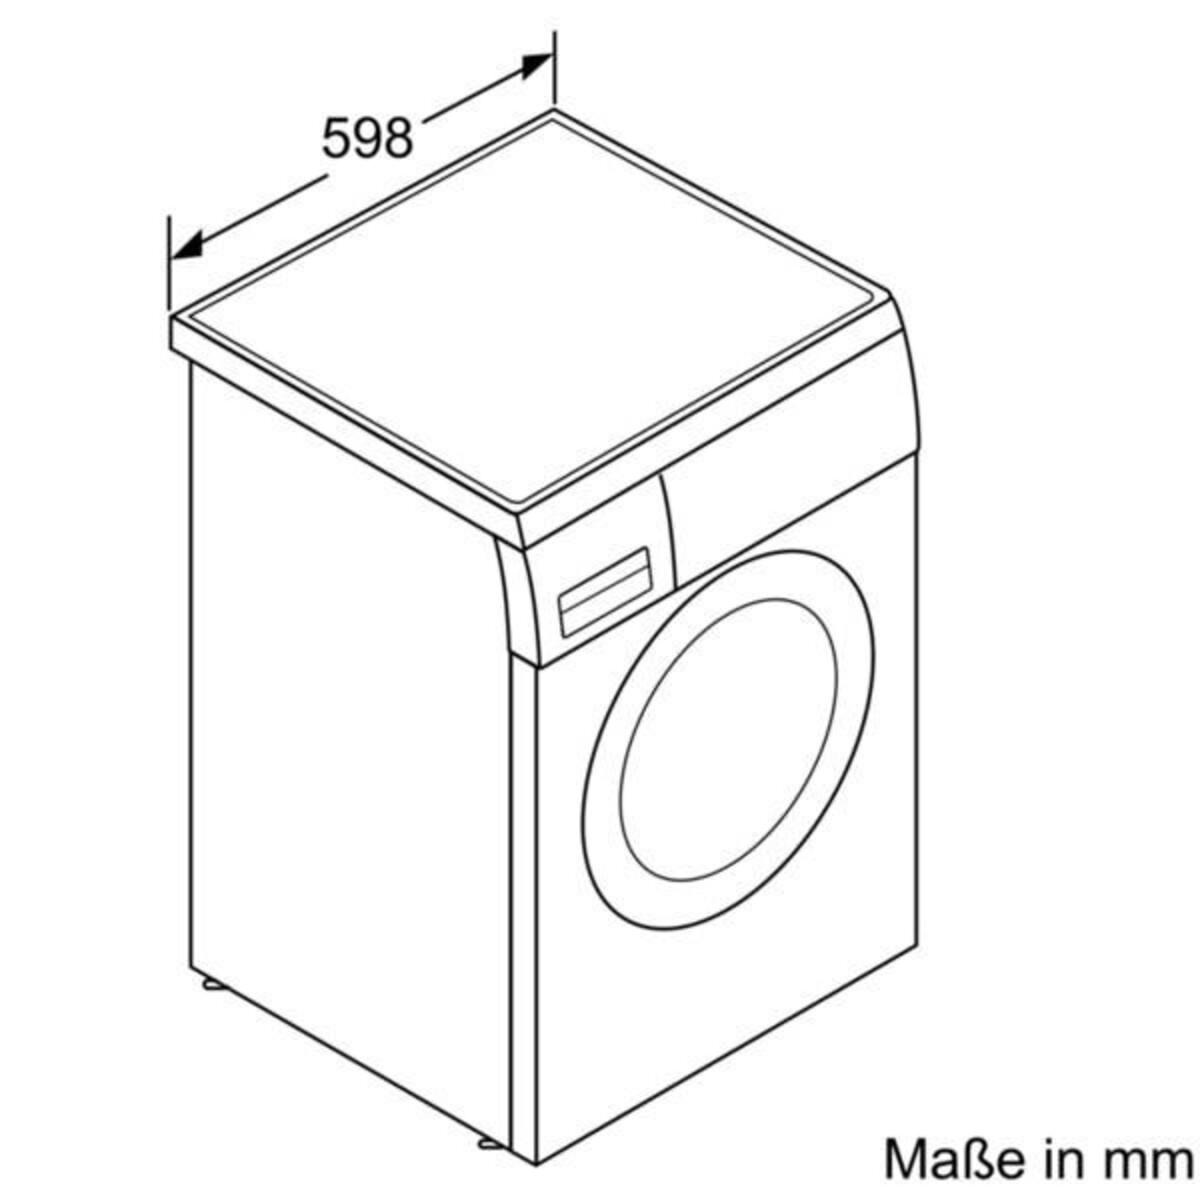 Bild 4 von SIEMENS WU14UT70EX Waschmaschine (Frontlader, freistehend, unterbaufähig, C, 9 kg, 1400 U/min, iQdrive, iSensoric, Nachlegefunktion)